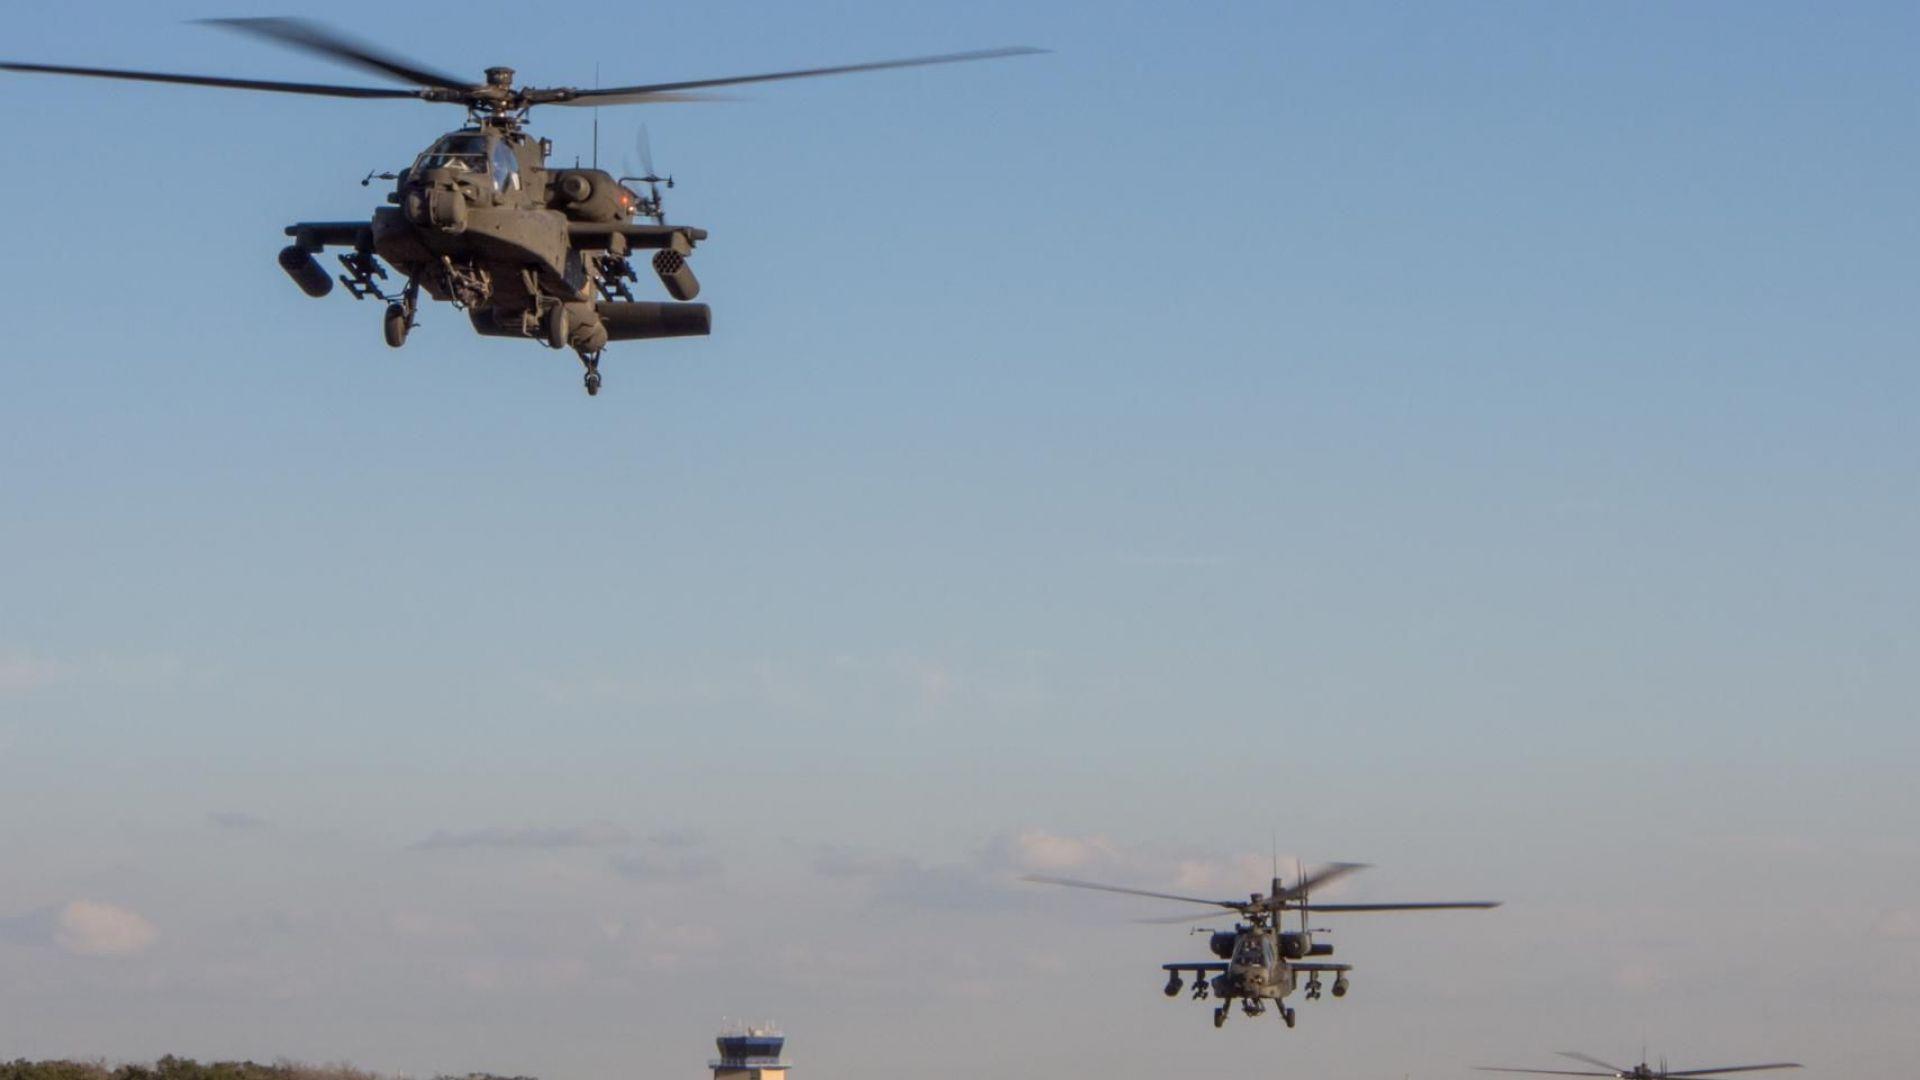 САЩ прехвърлиха в Европа голяма партида боеприпаси